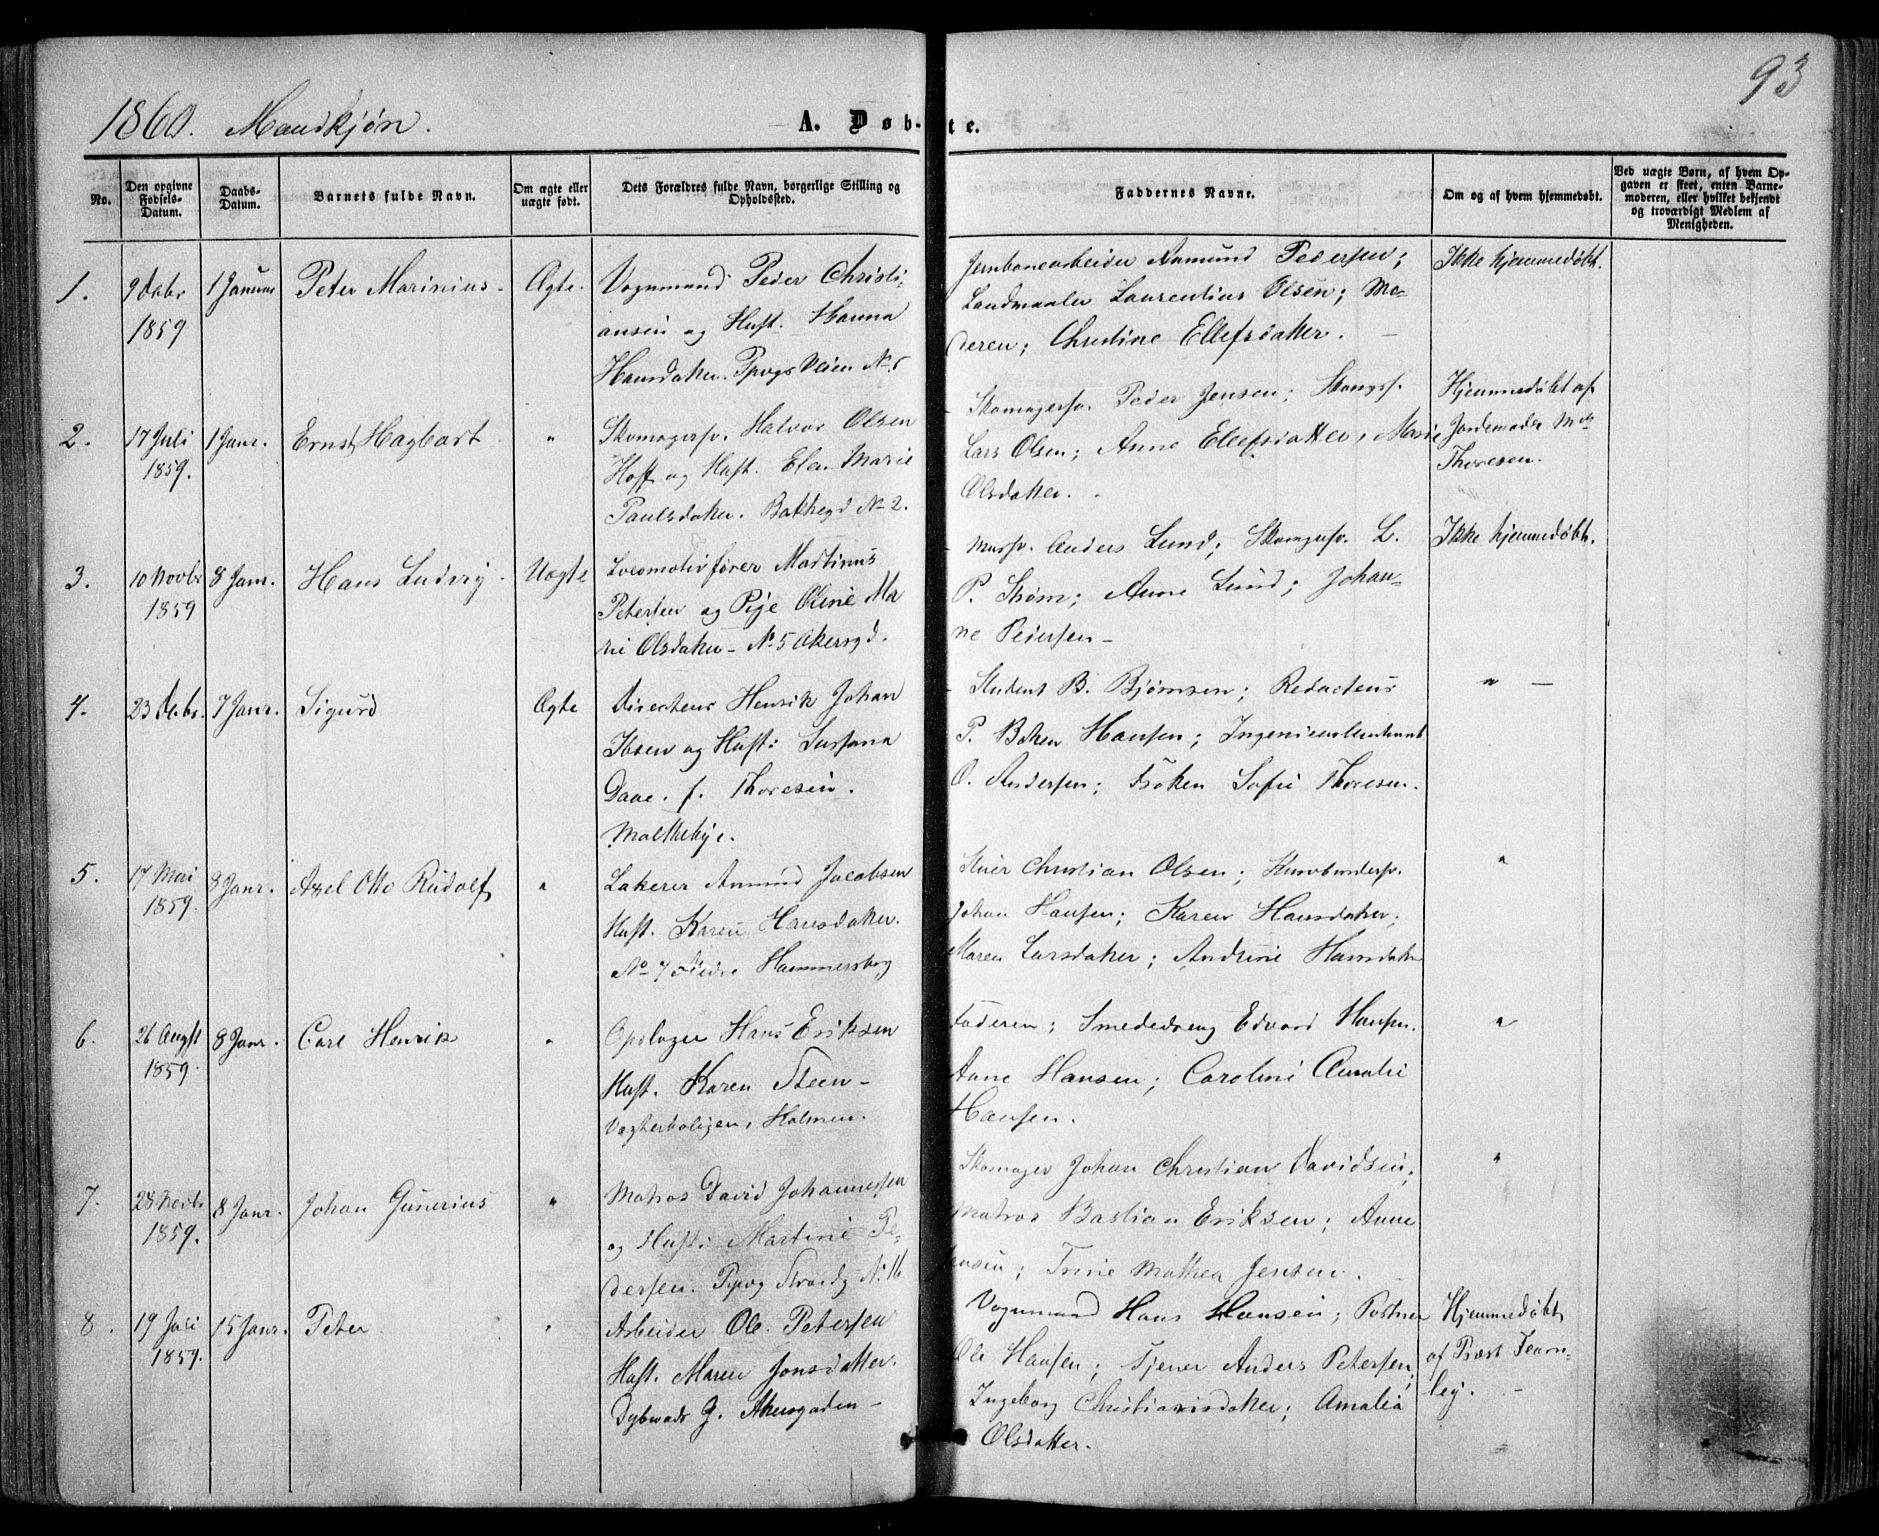 SAO, Trefoldighet prestekontor Kirkebøker, F/Fa/L0001: Ministerialbok nr. I 1, 1858-1863, s. 93